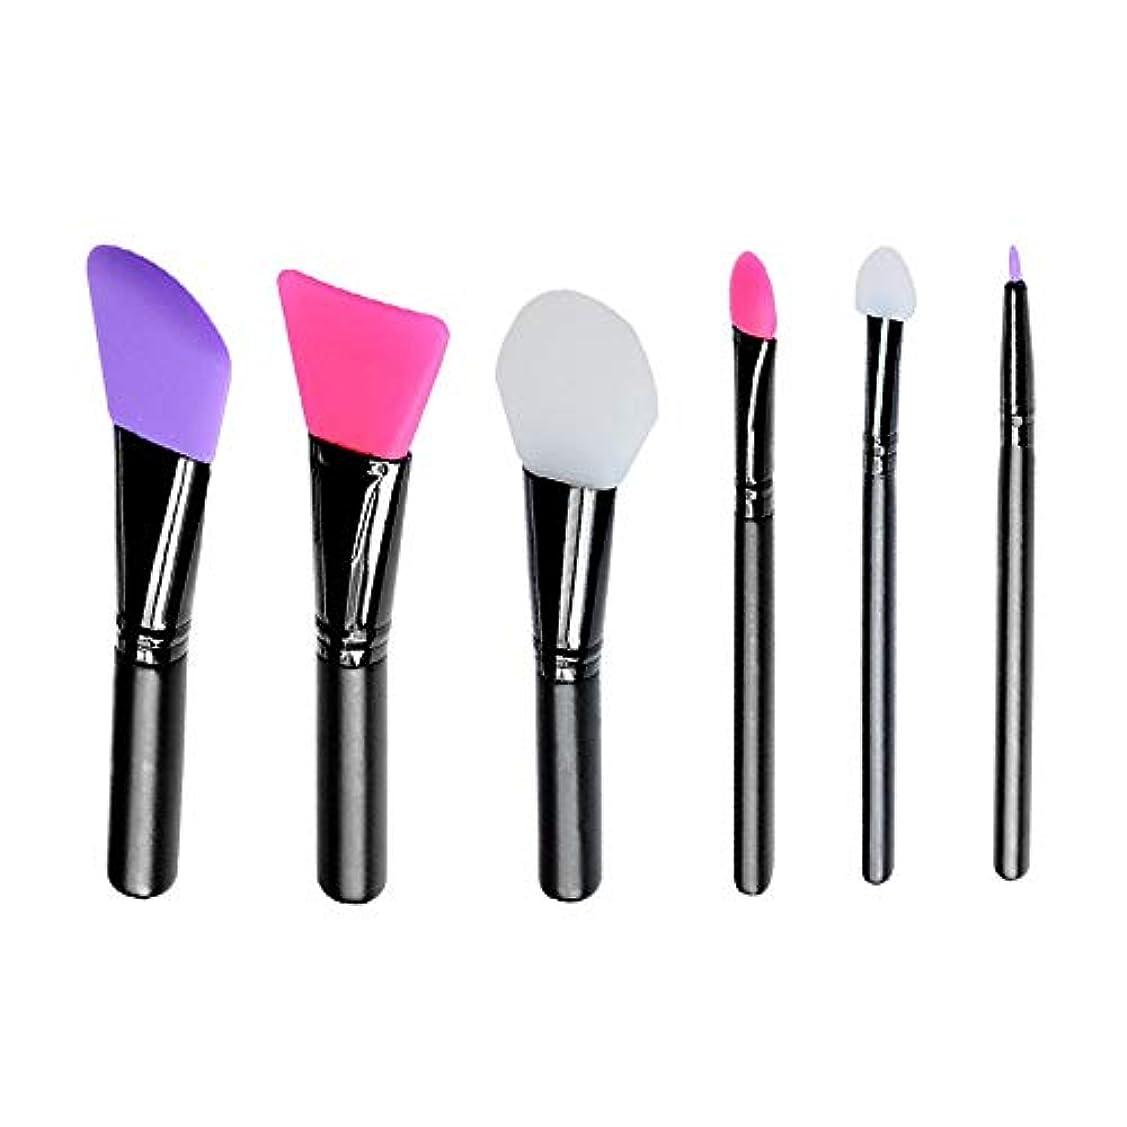 ラビリンスノイズ普遍的なMakeup brushes カラーメイクアップ6シリコーン混合マスクブラシ suits (Color : Black)